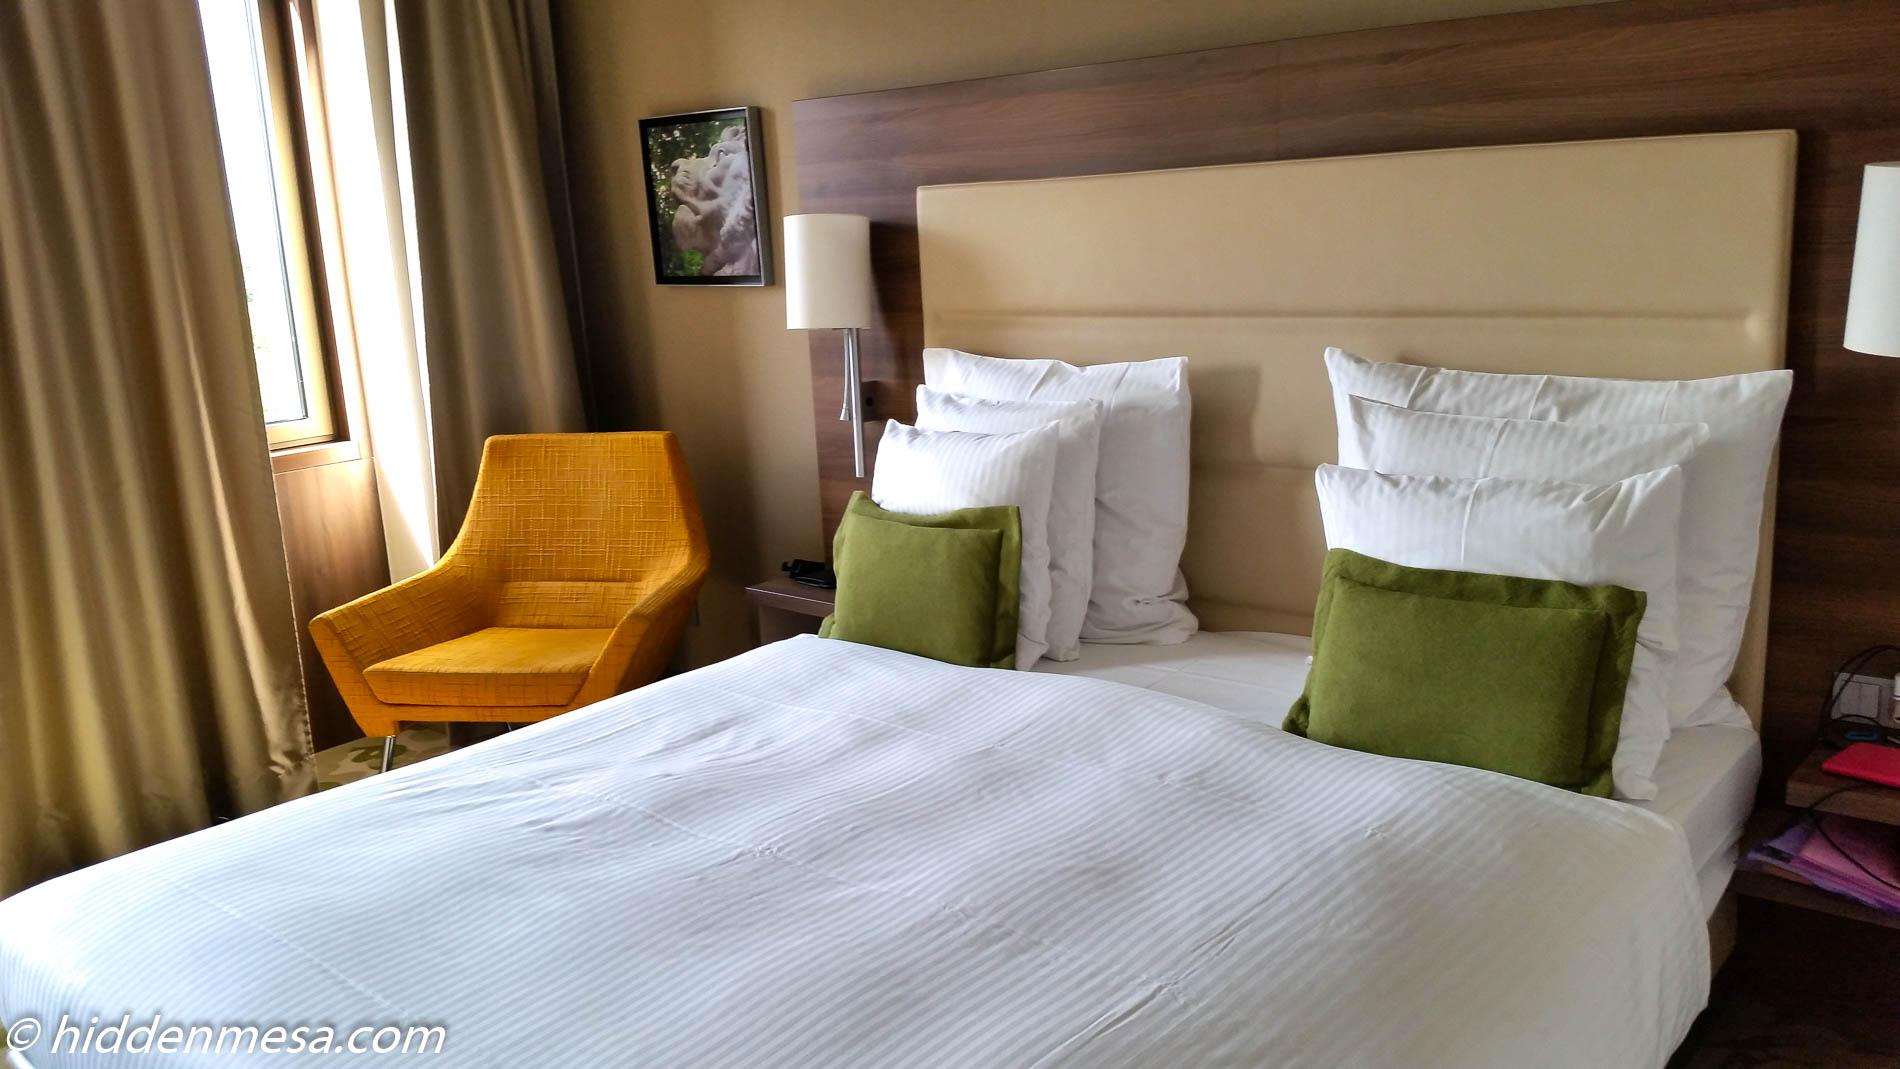 Room at the Melia Dusseldorf